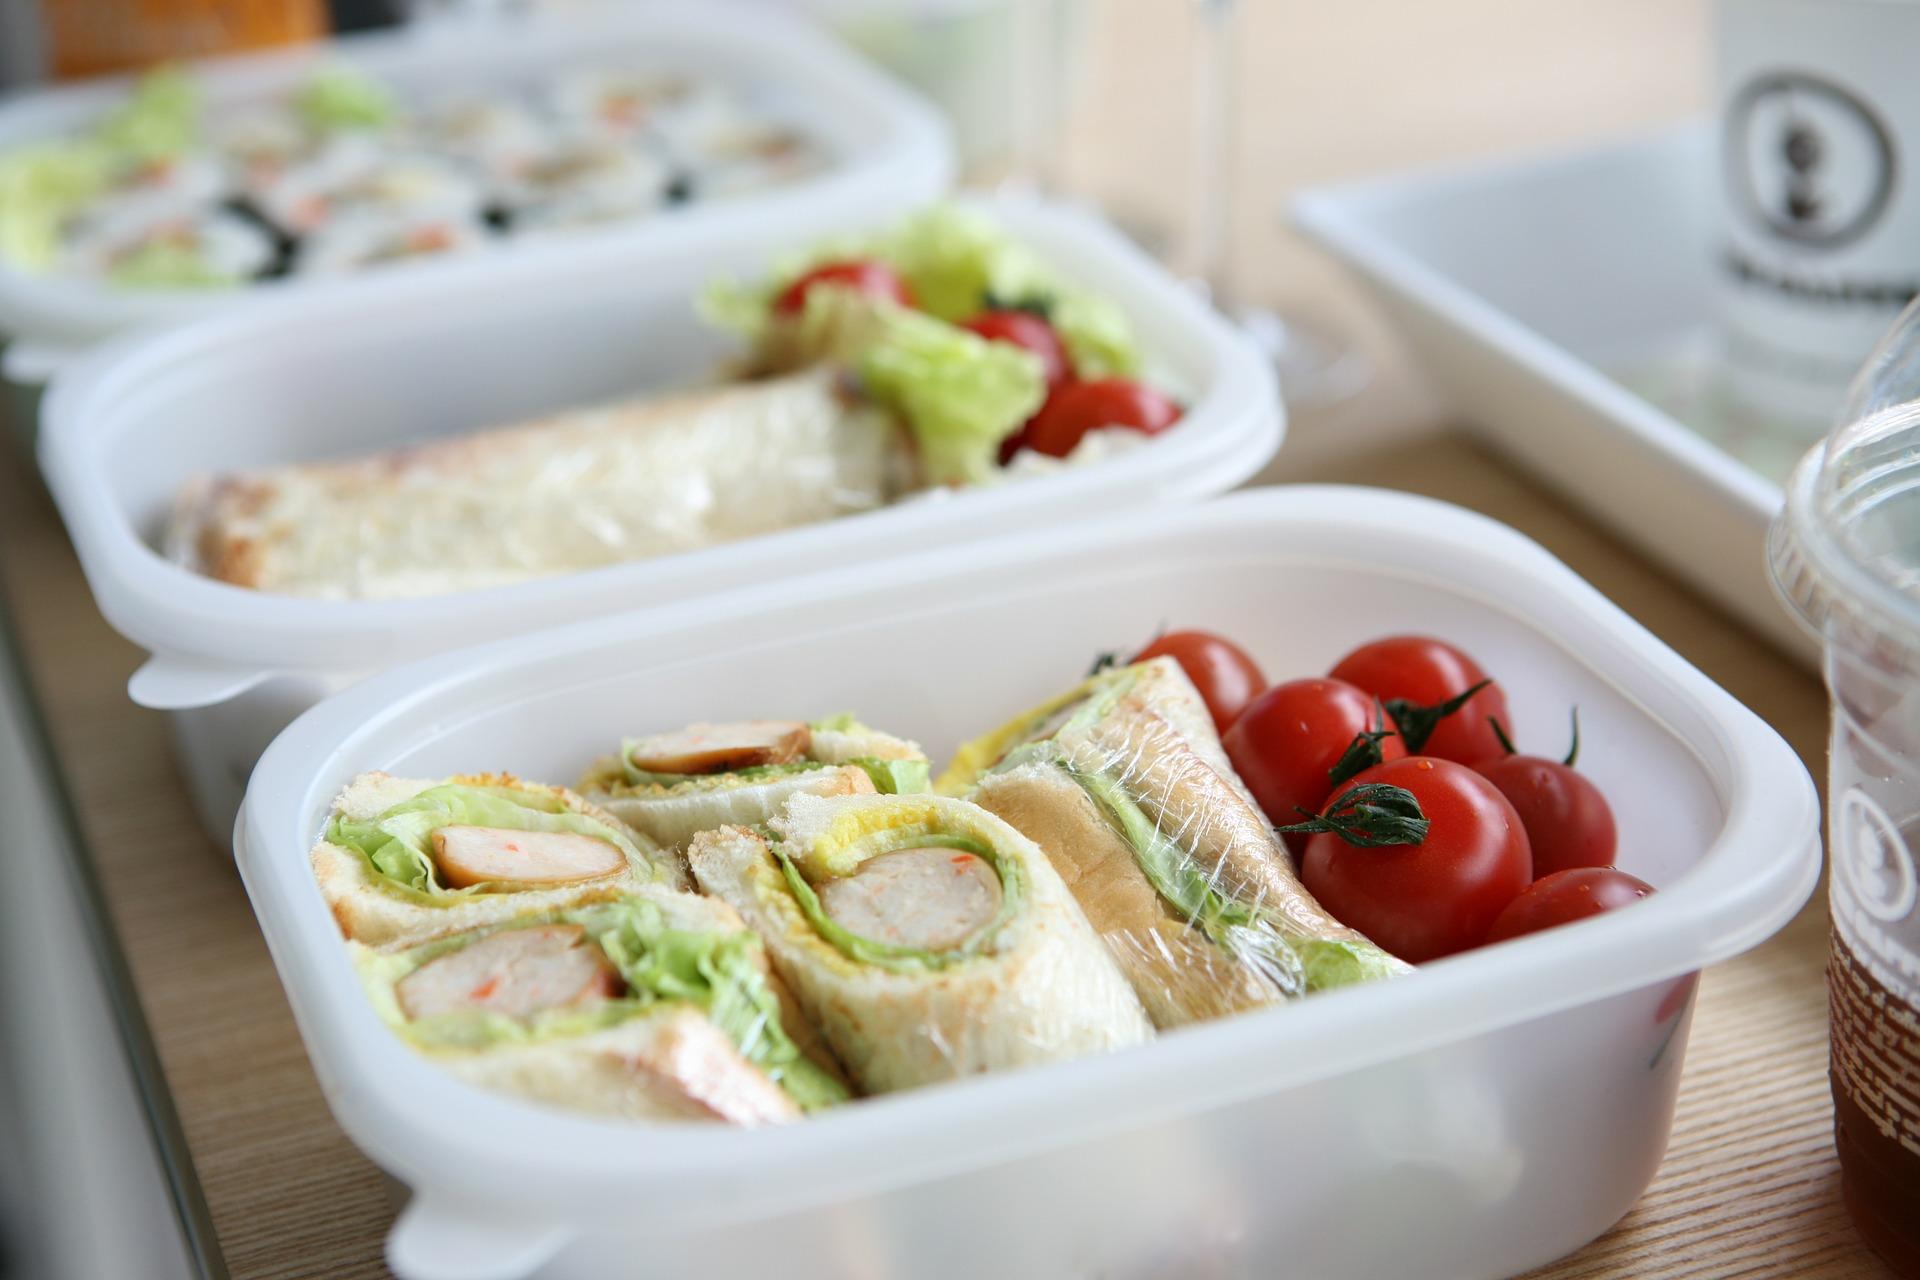 lunch-box-200762_1920.jpg